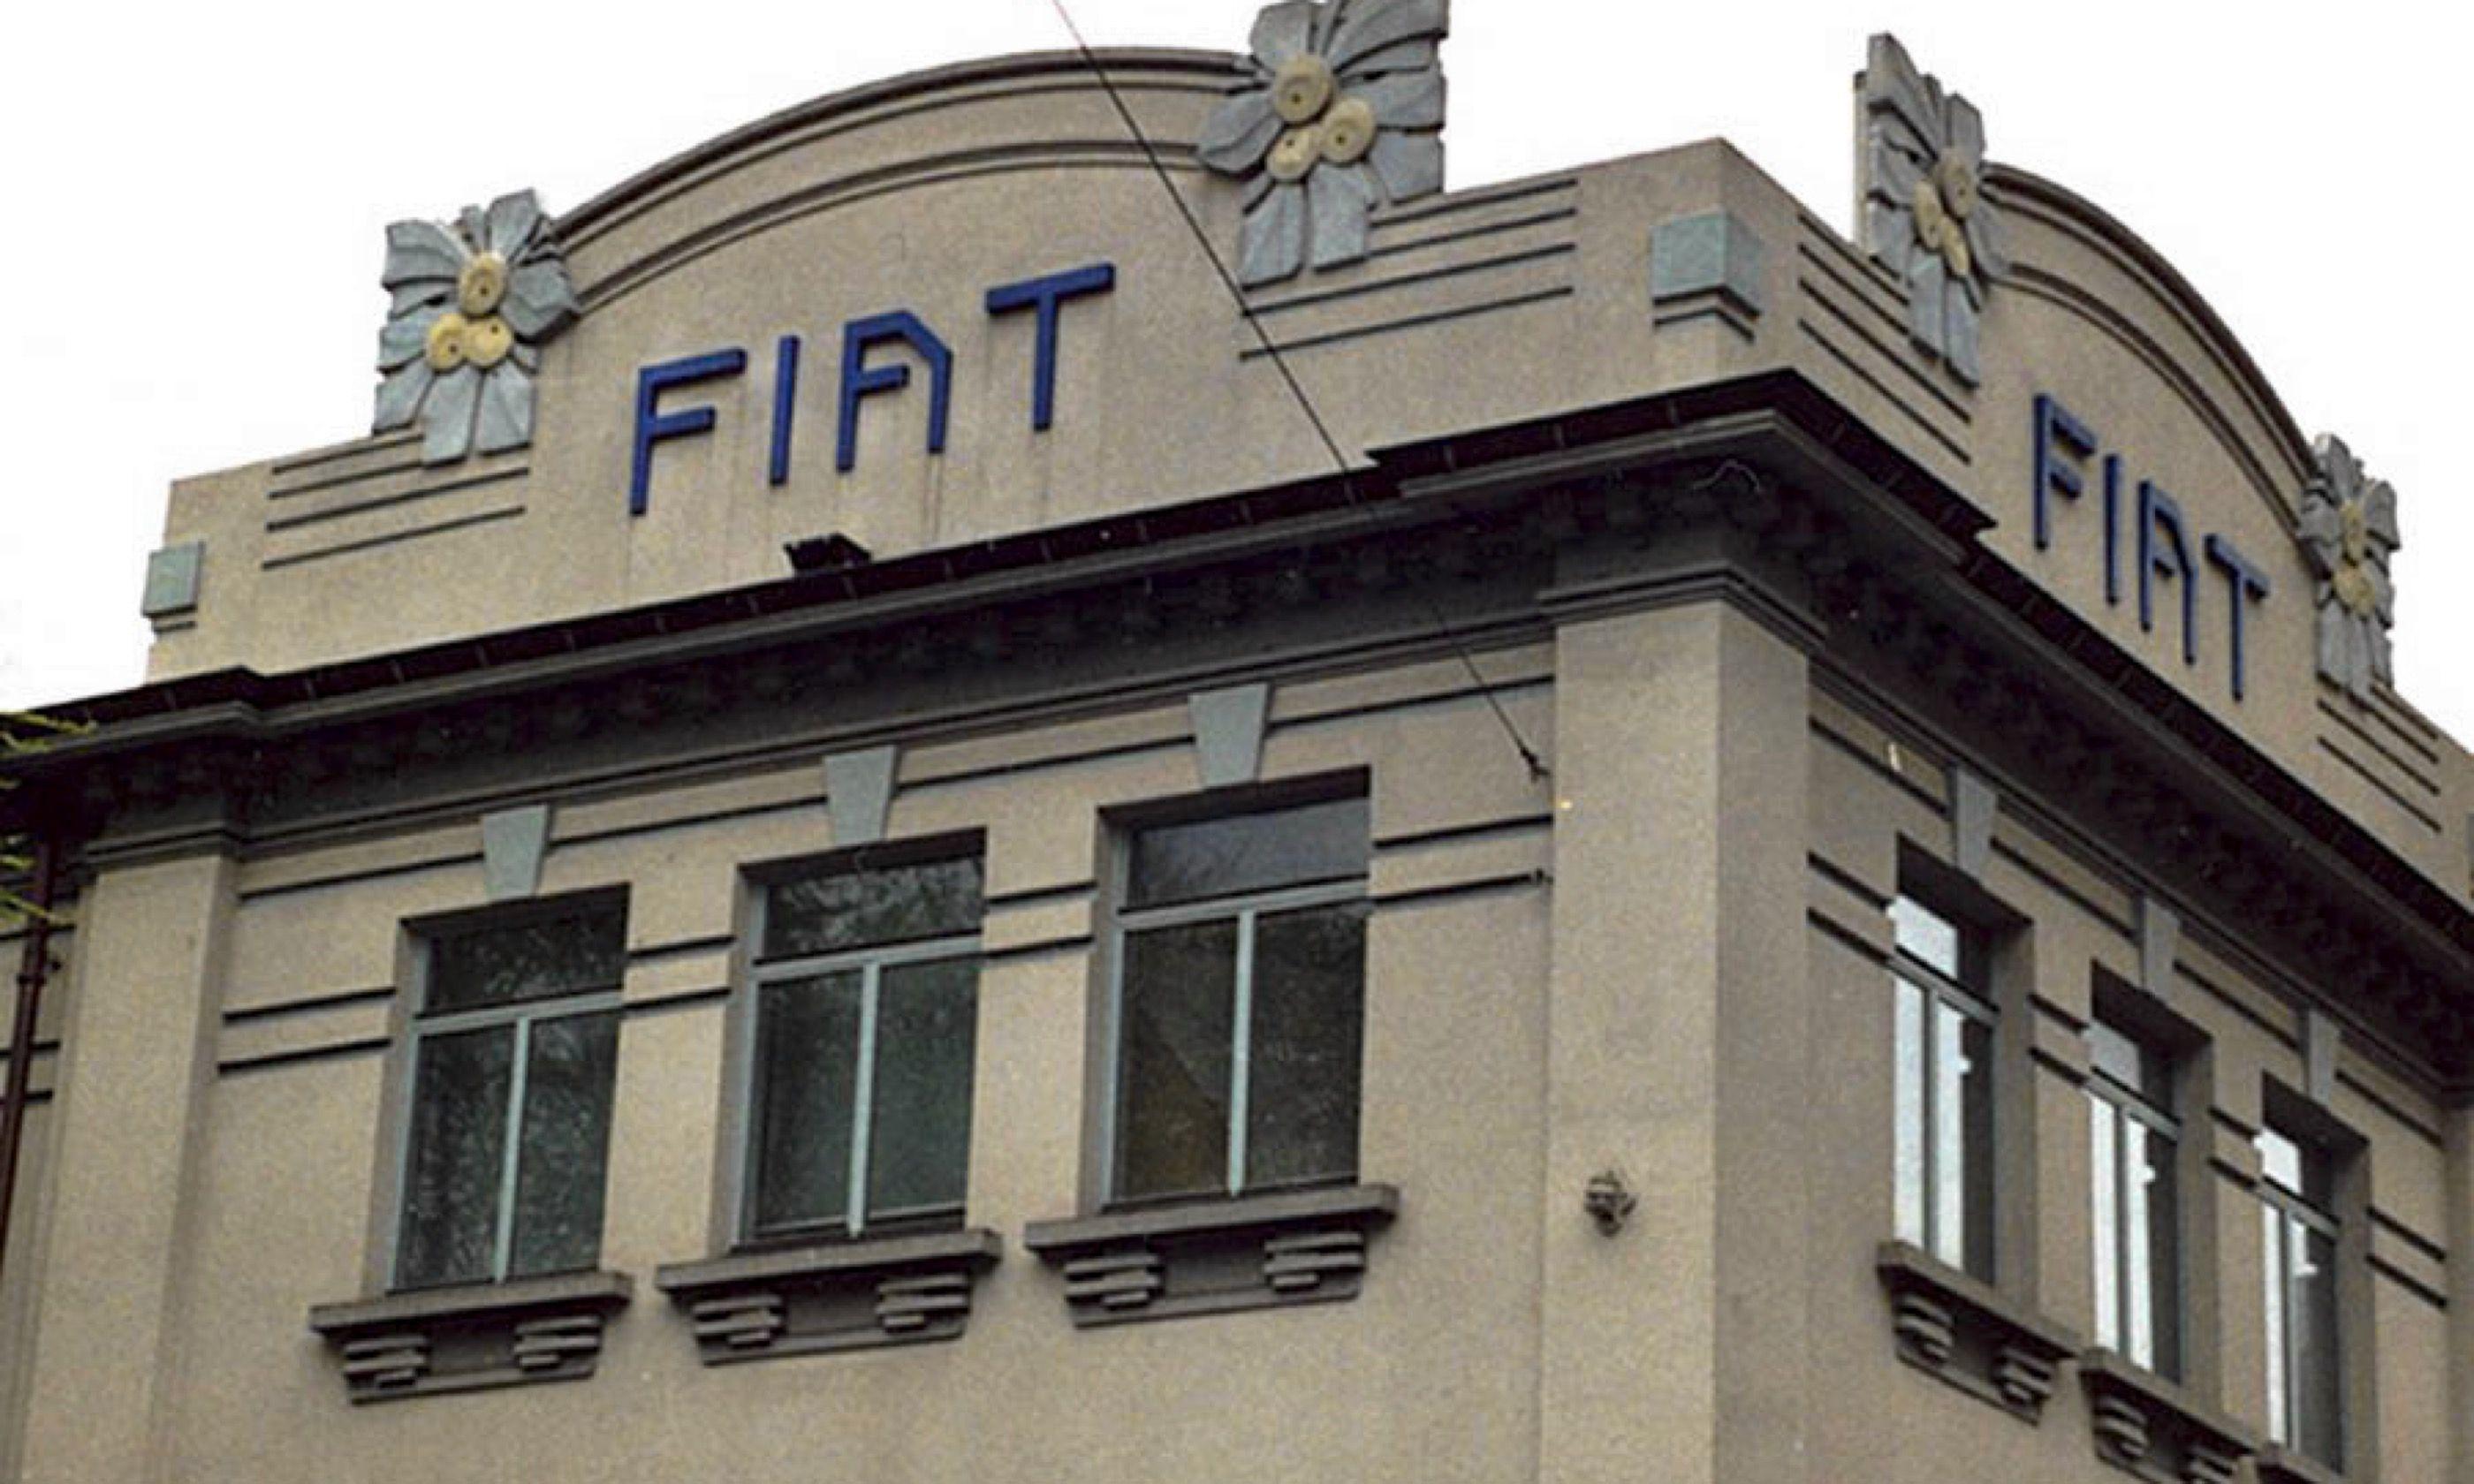 Centro Storico Fiat (facgroup.com)